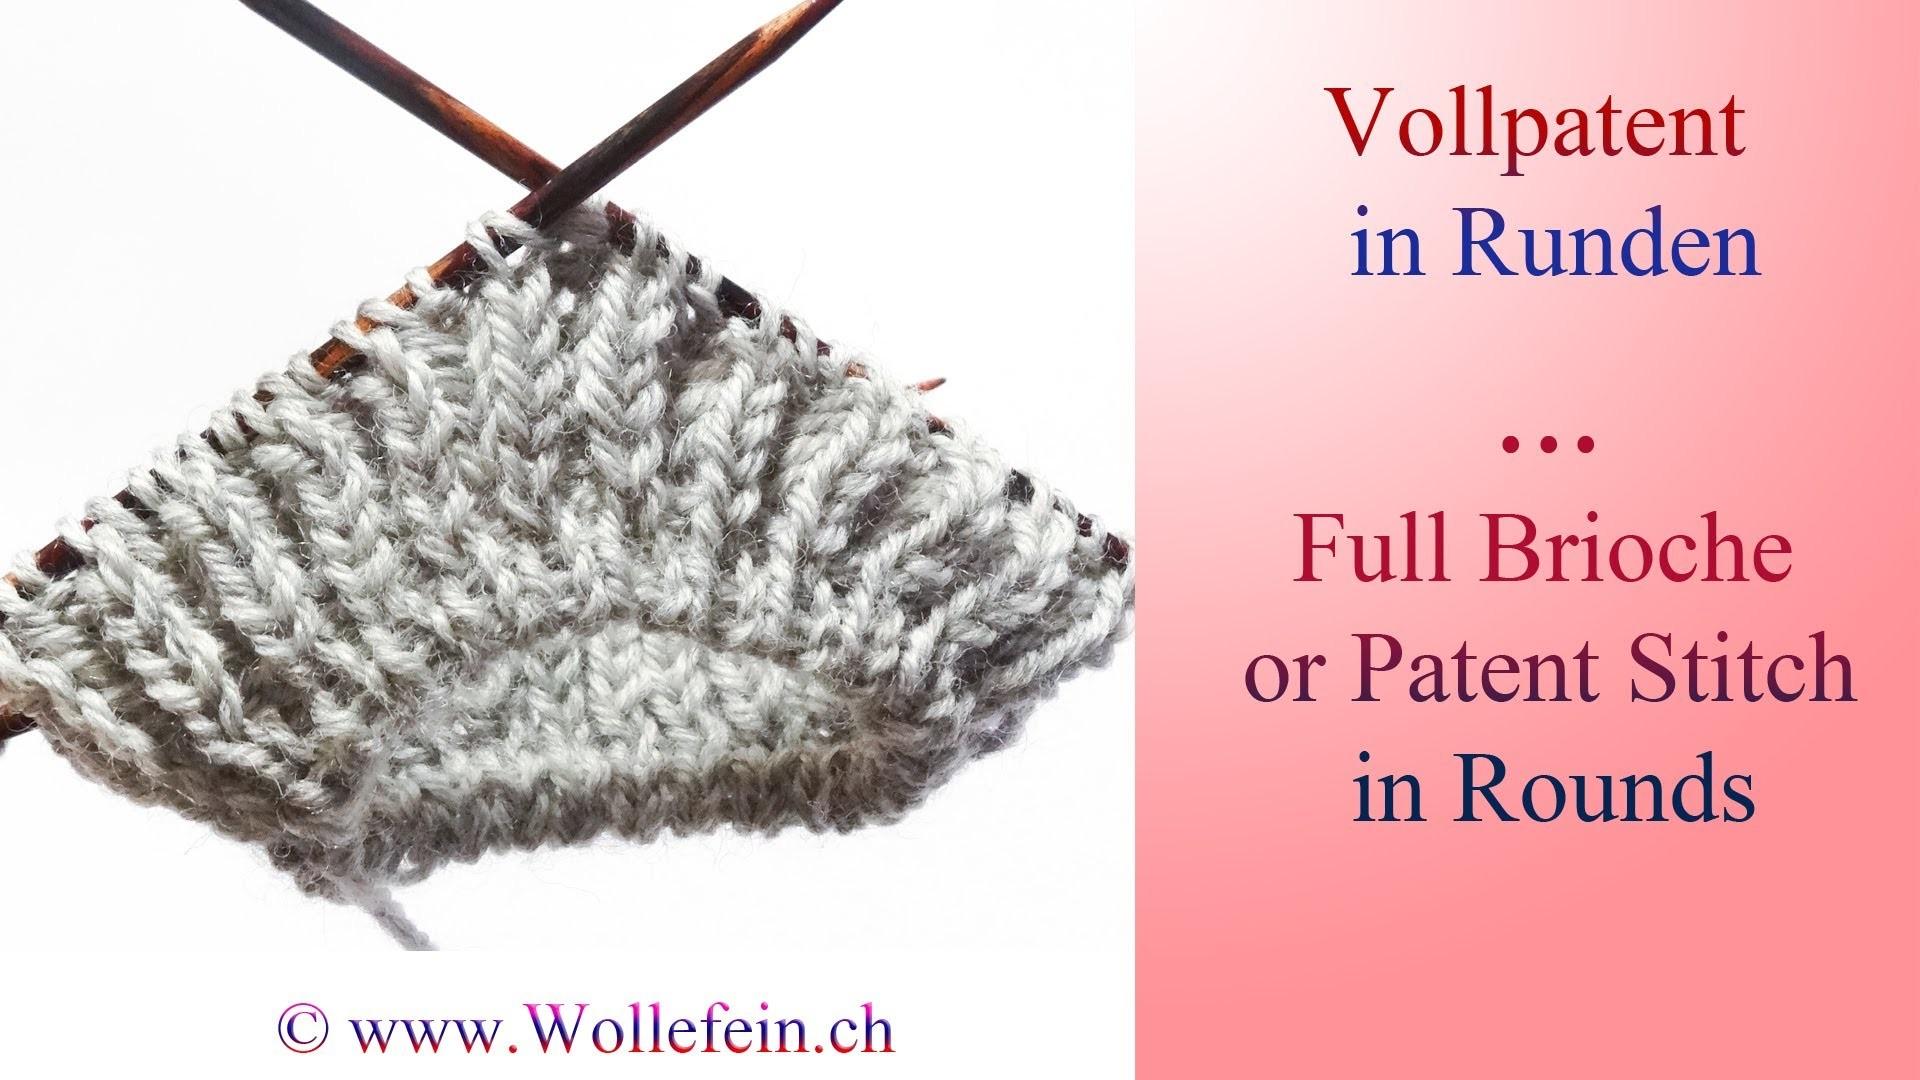 Vollpatent stricken in Runden - Full Patent or Brioche Stitch in Rounds